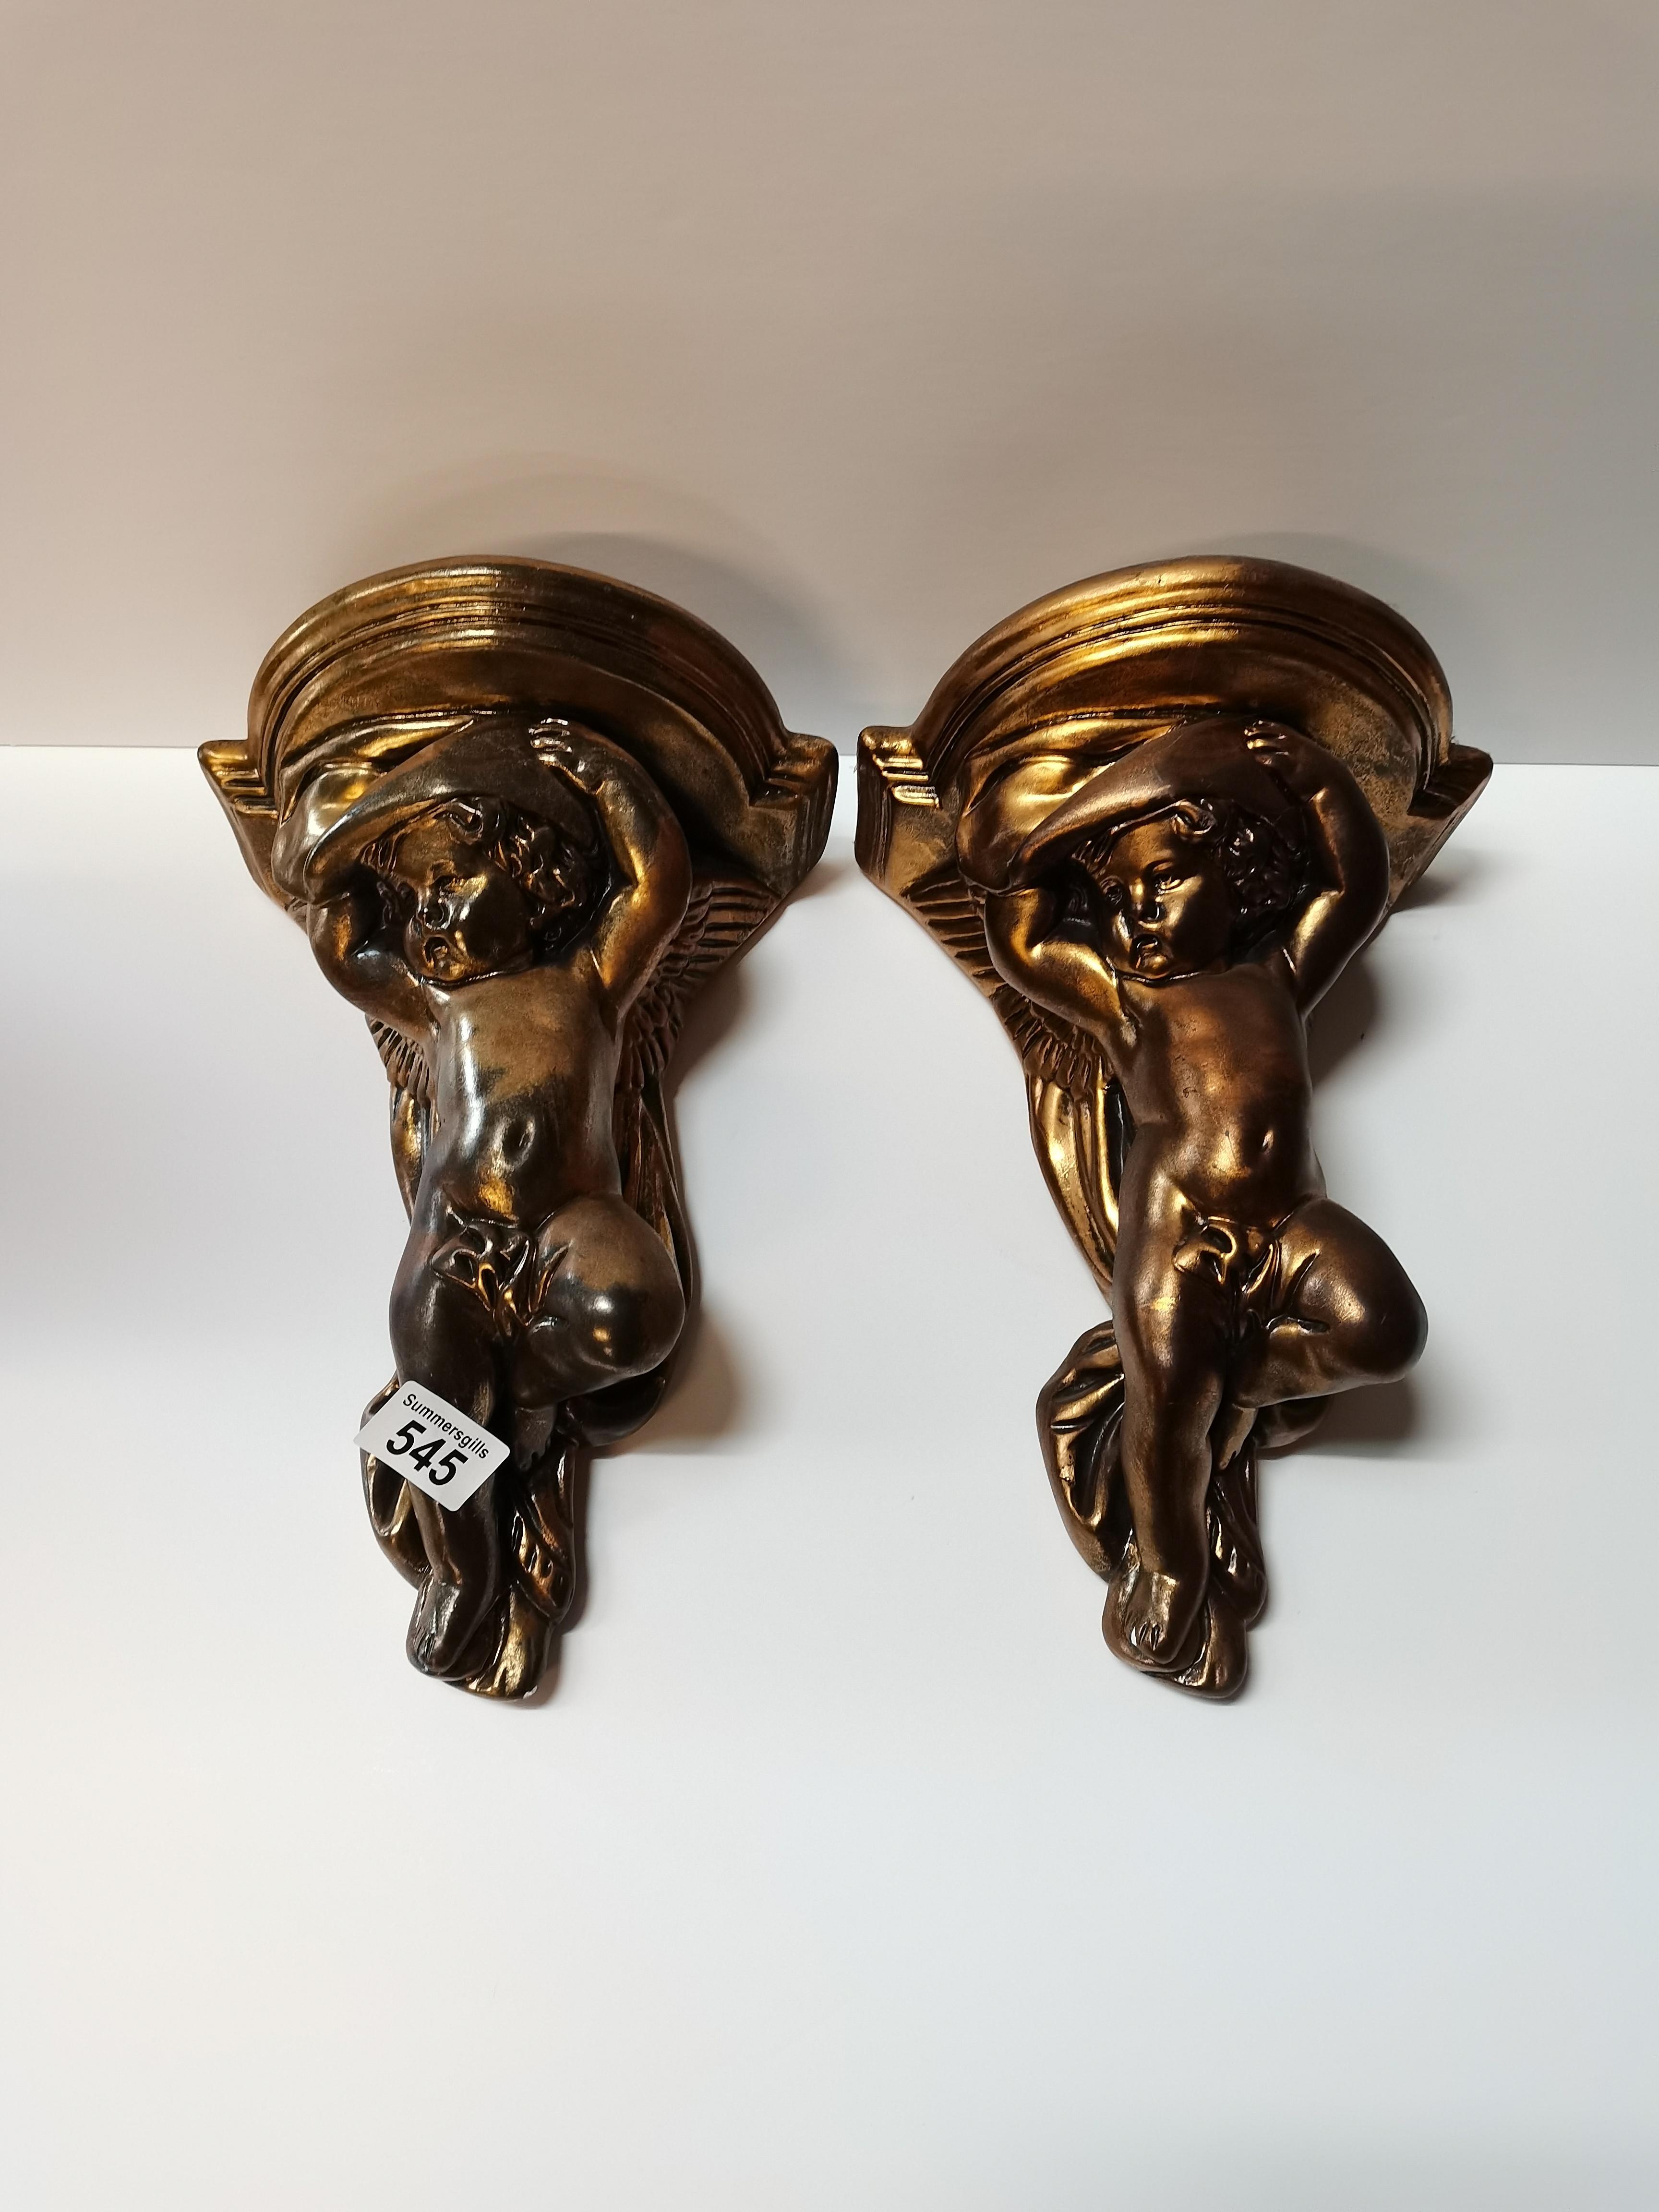 Pair of plaster cherubs